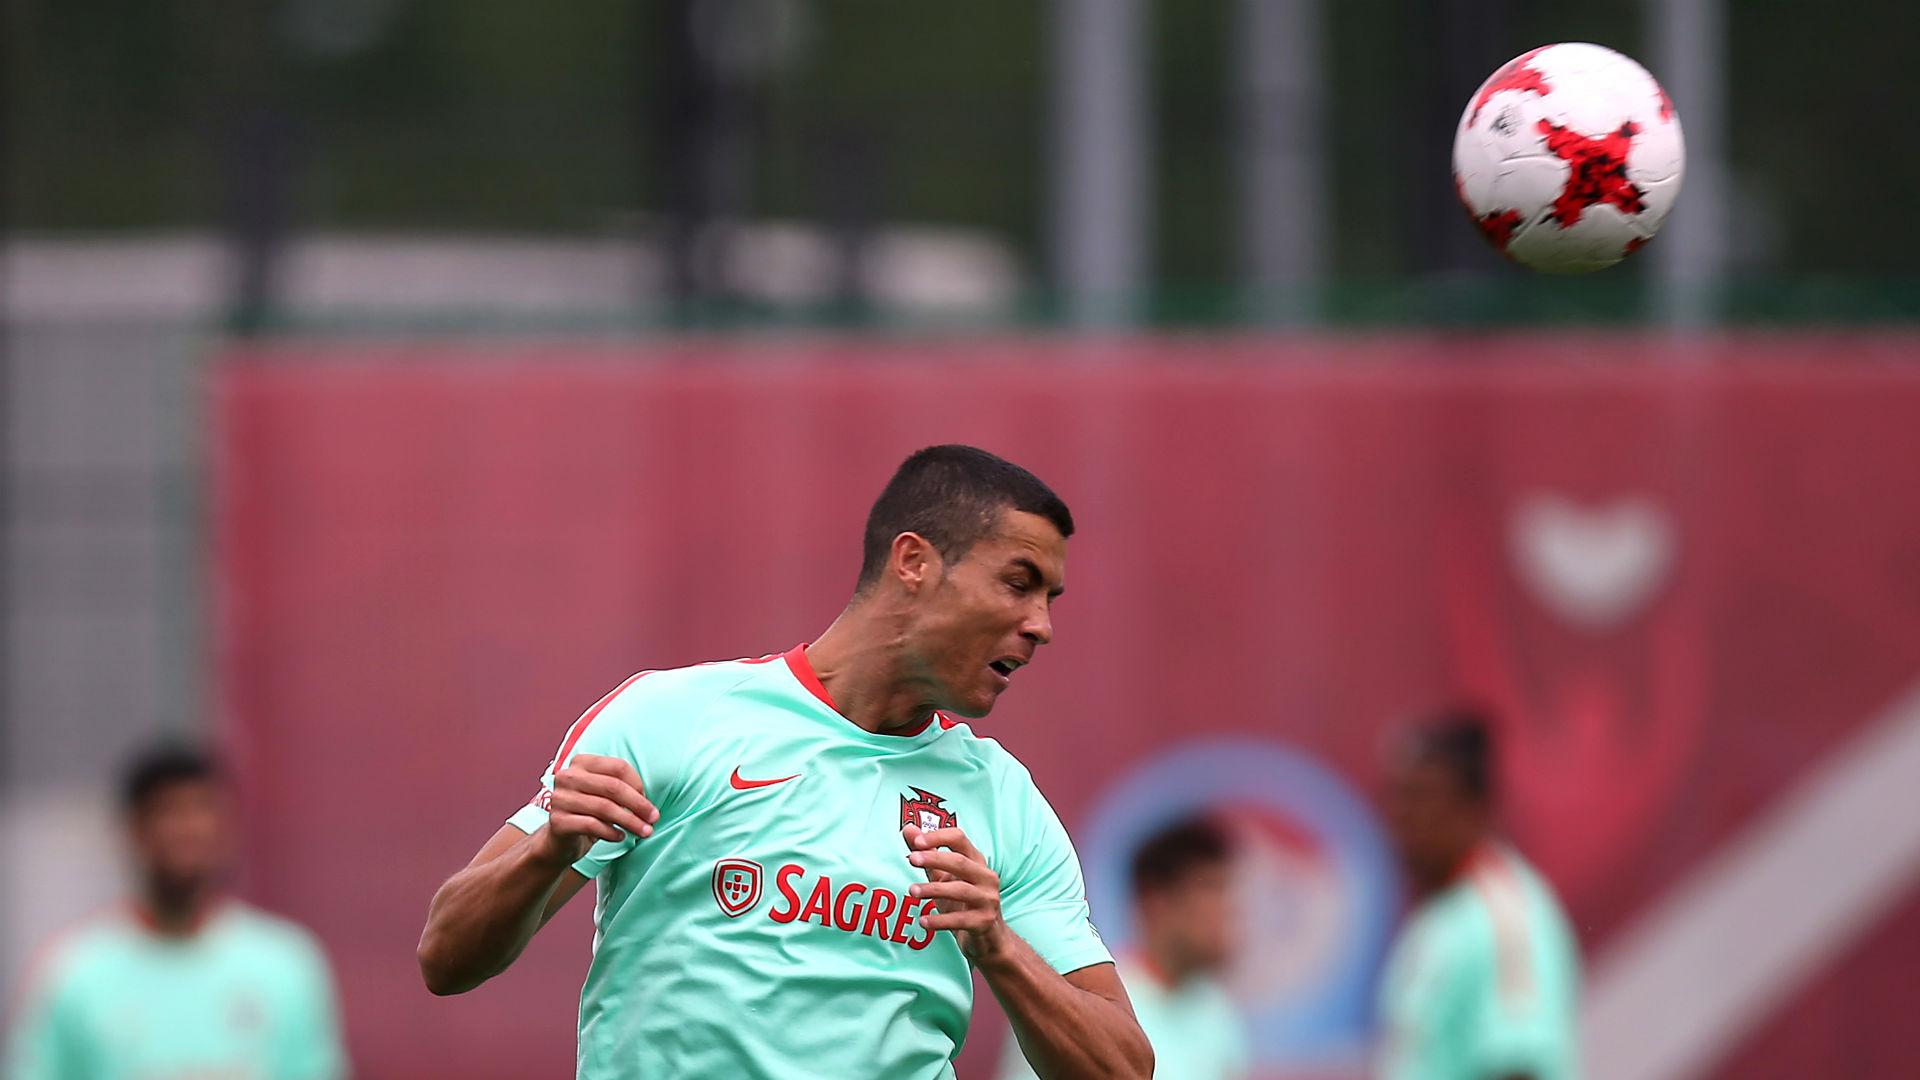 Logra México empate contra Portugal